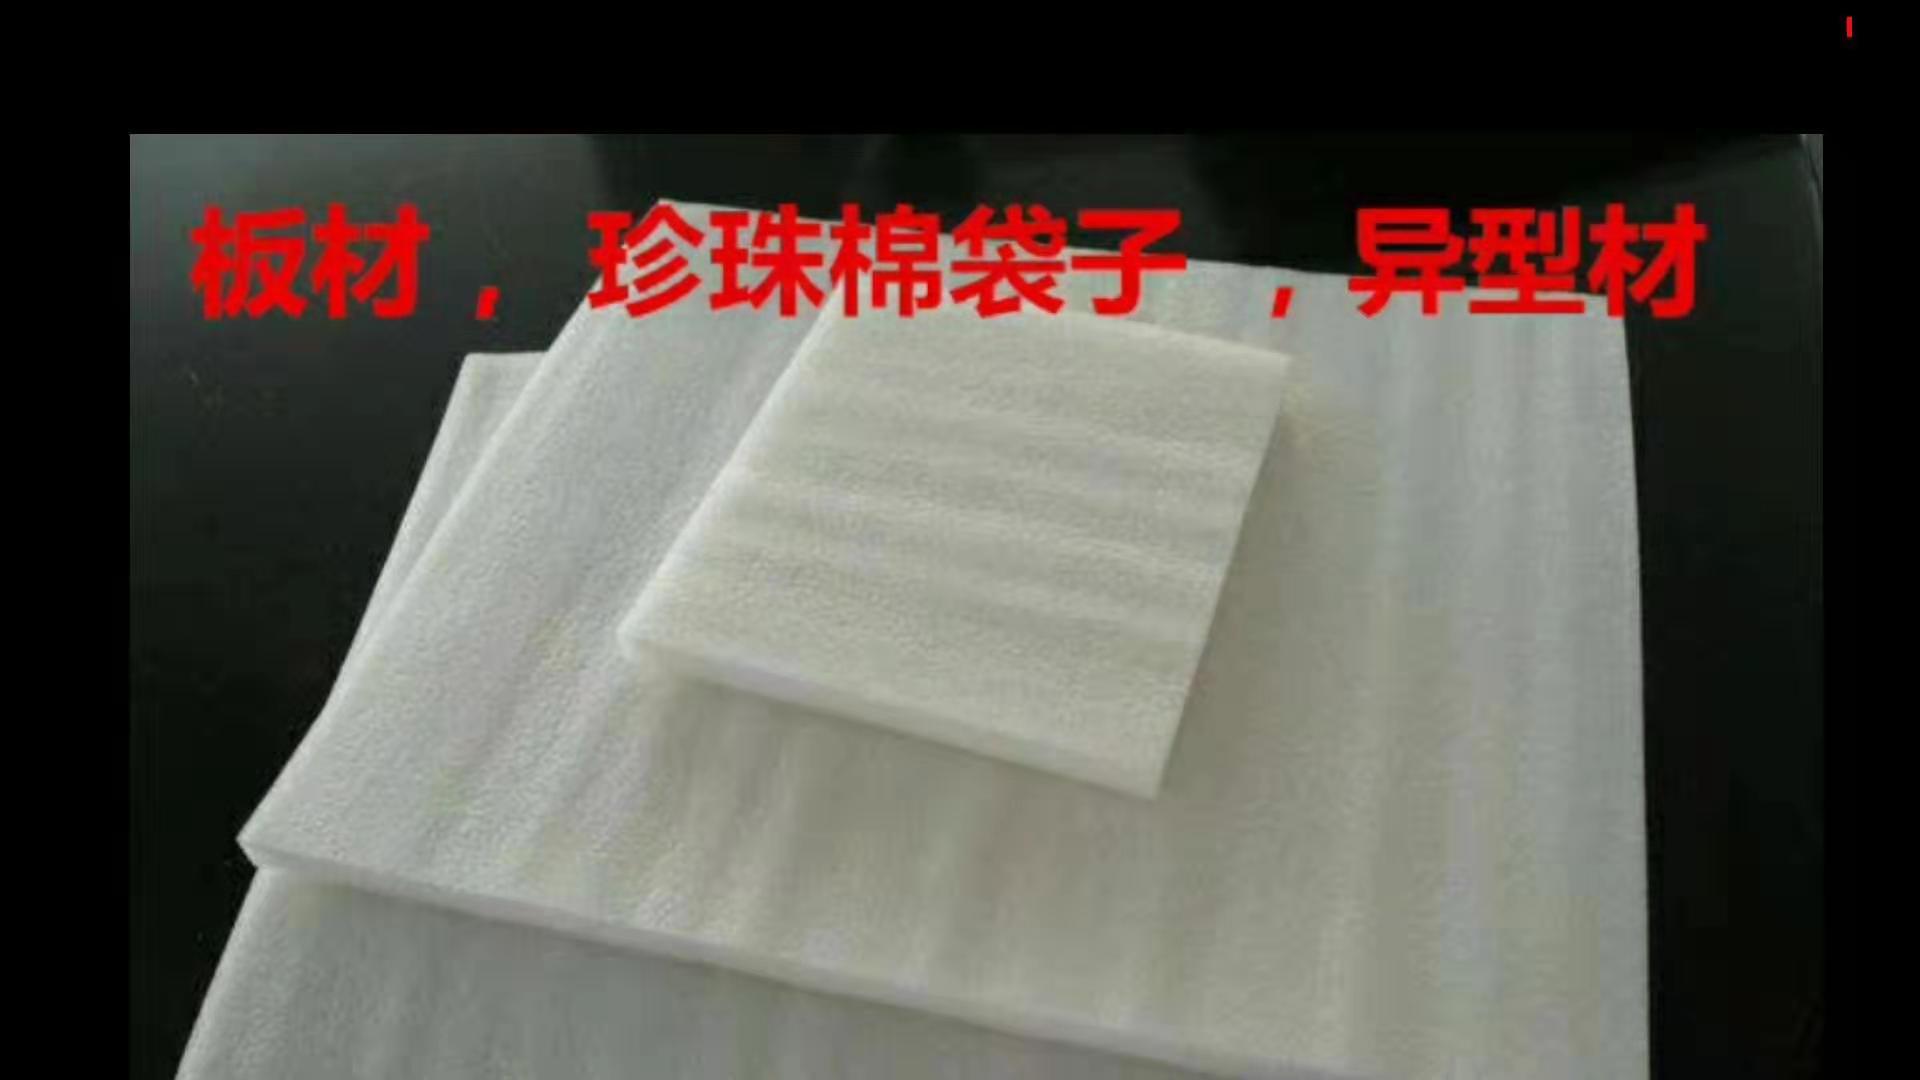 珍珠棉的用途 广东珍珠棉生产厂家  珍珠棉的用途